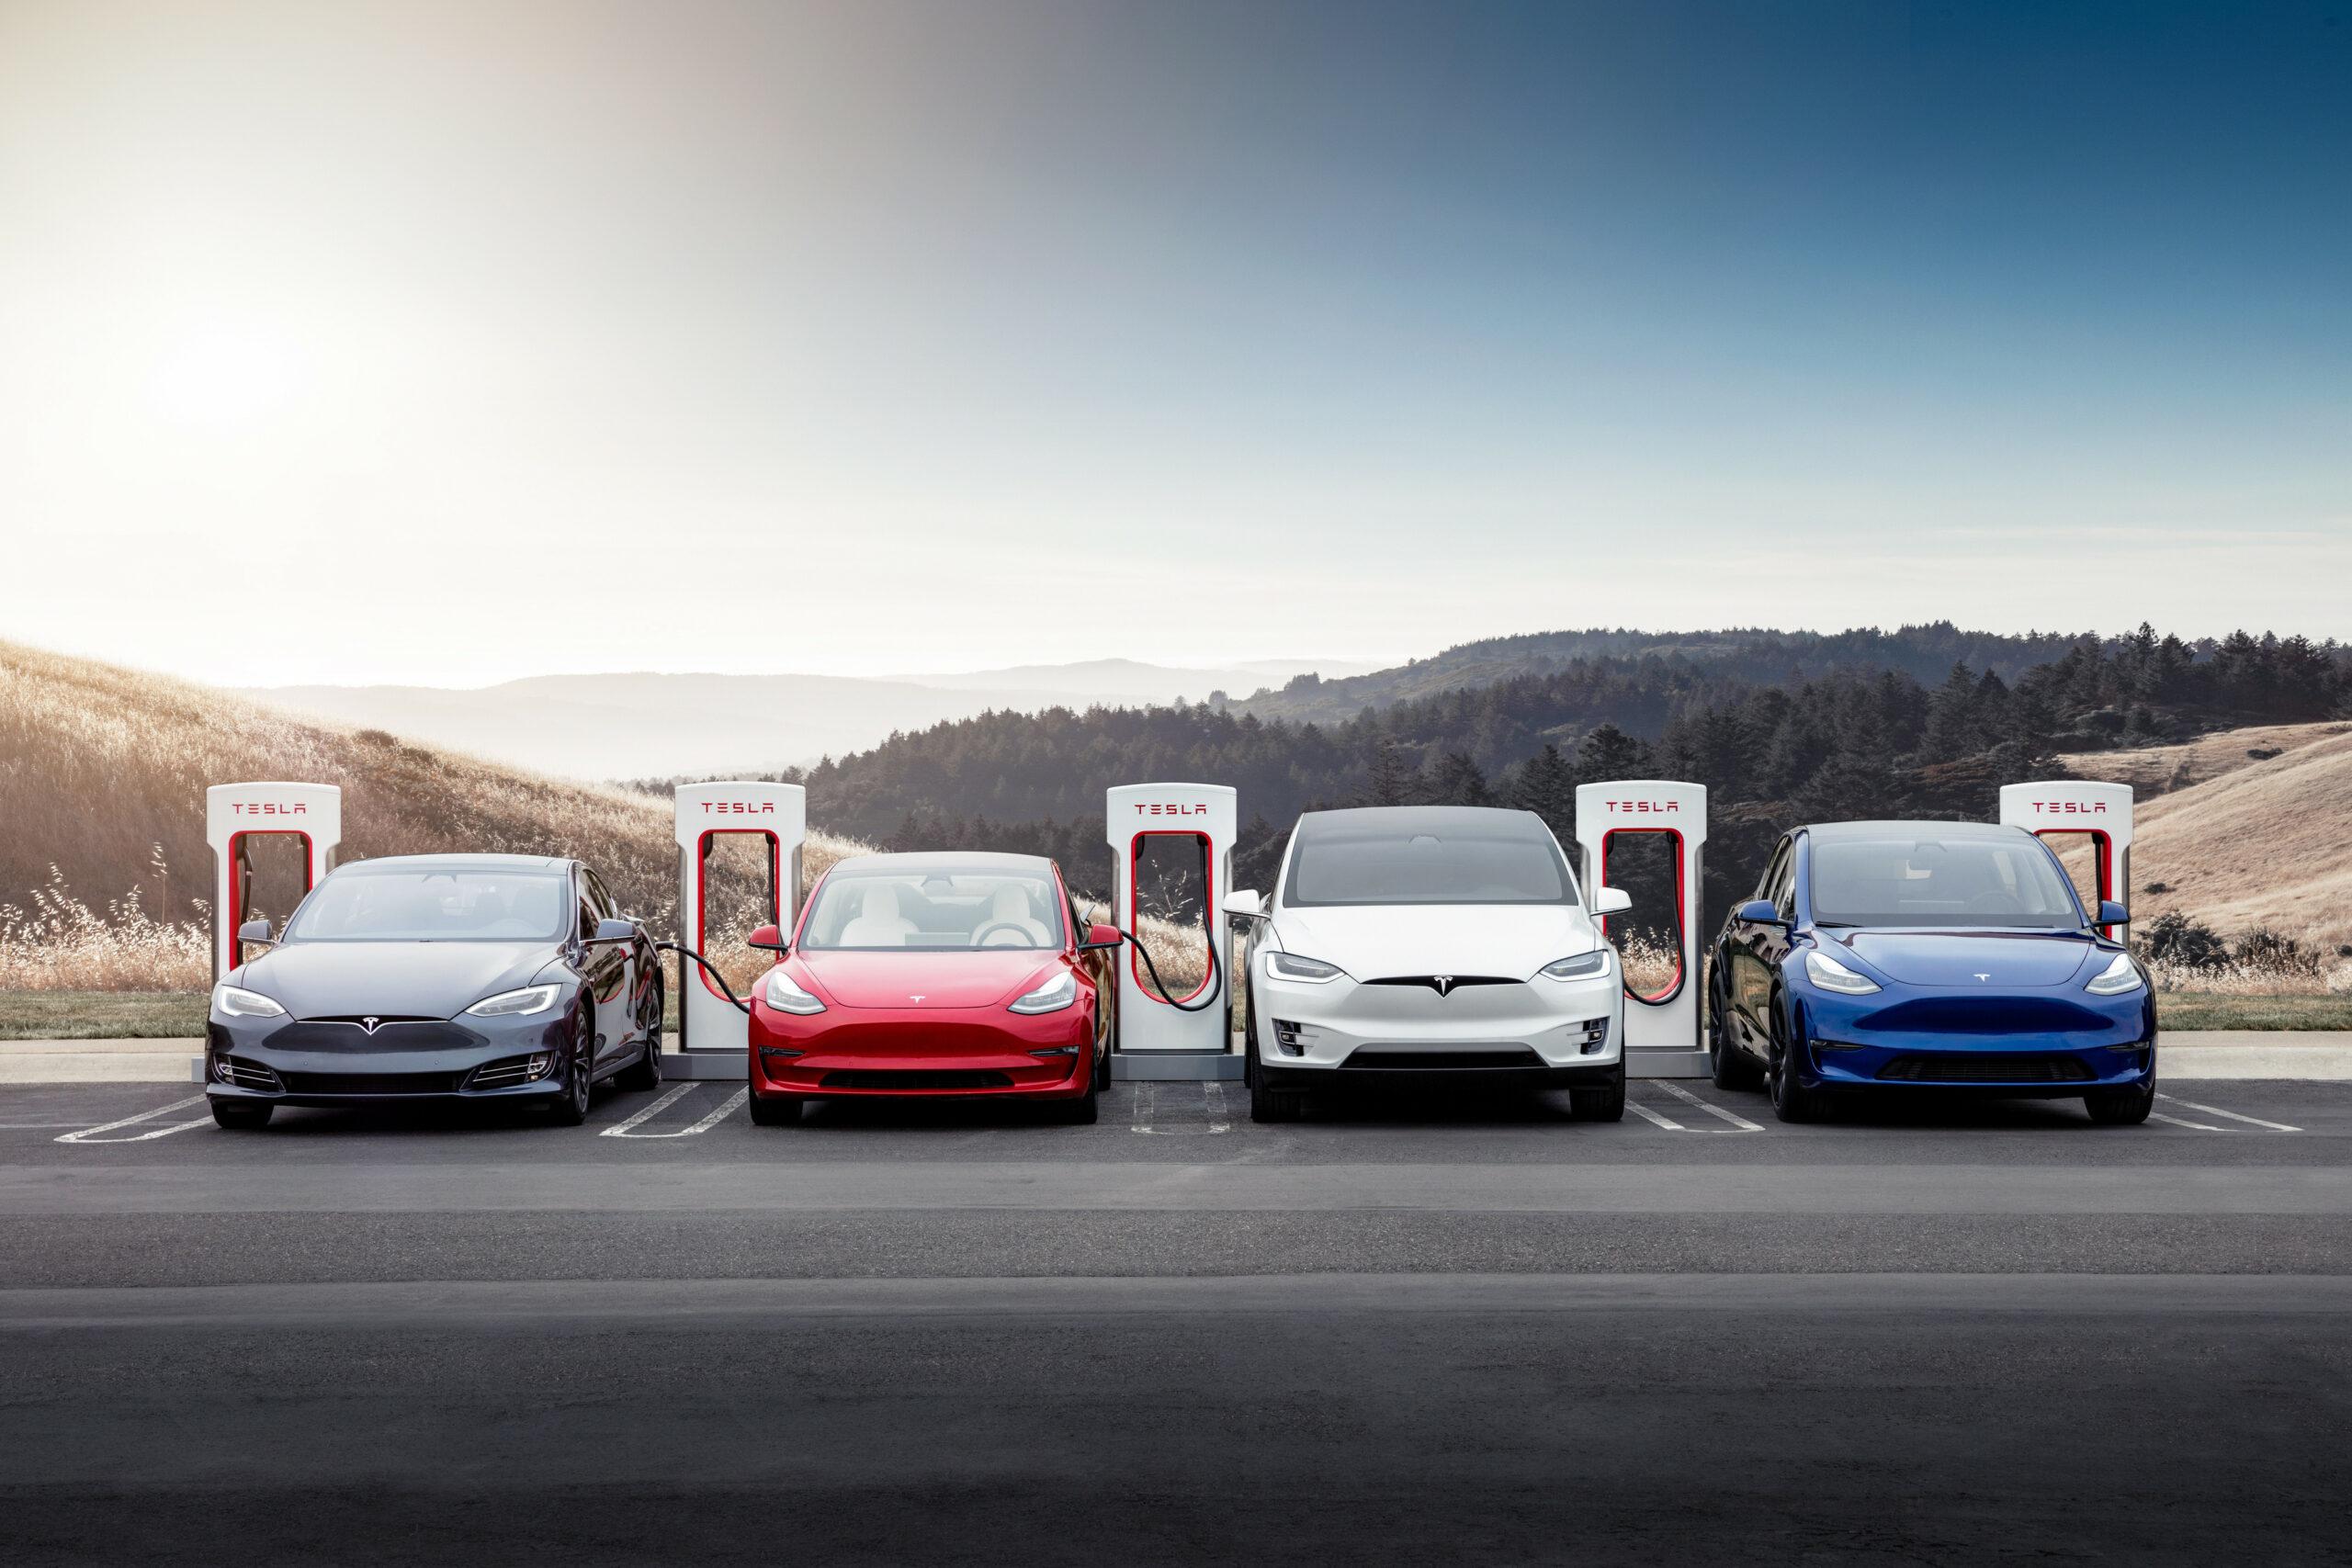 Chefen for det hele - Elon Musk - er én af årsagerne til at, bilmærket især på internettet får en hård medfart.